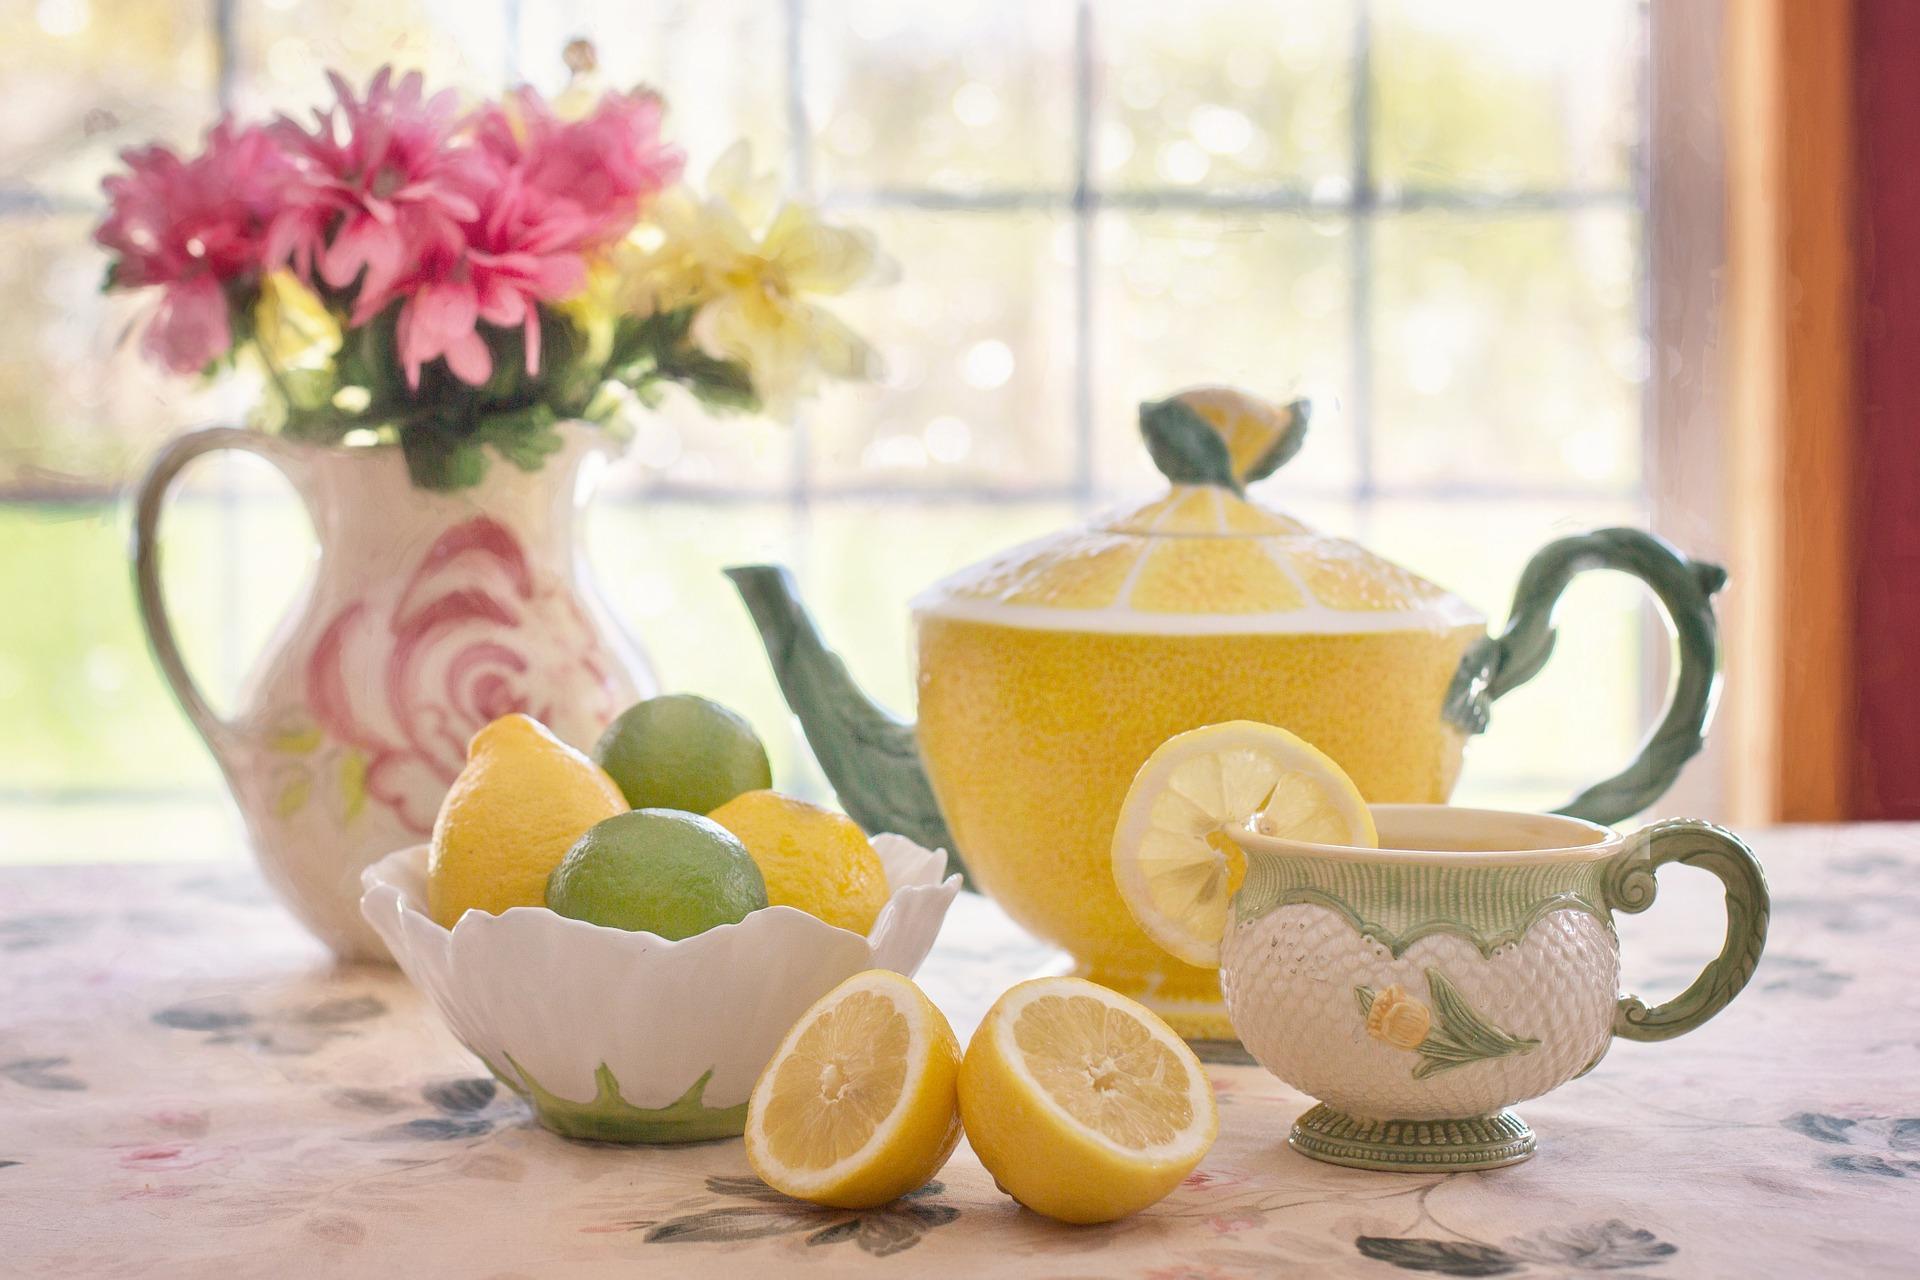 Viele Nutzer geben ein wenig CBD Öl in ihren Tee, um den Geschmack zu verbessern.